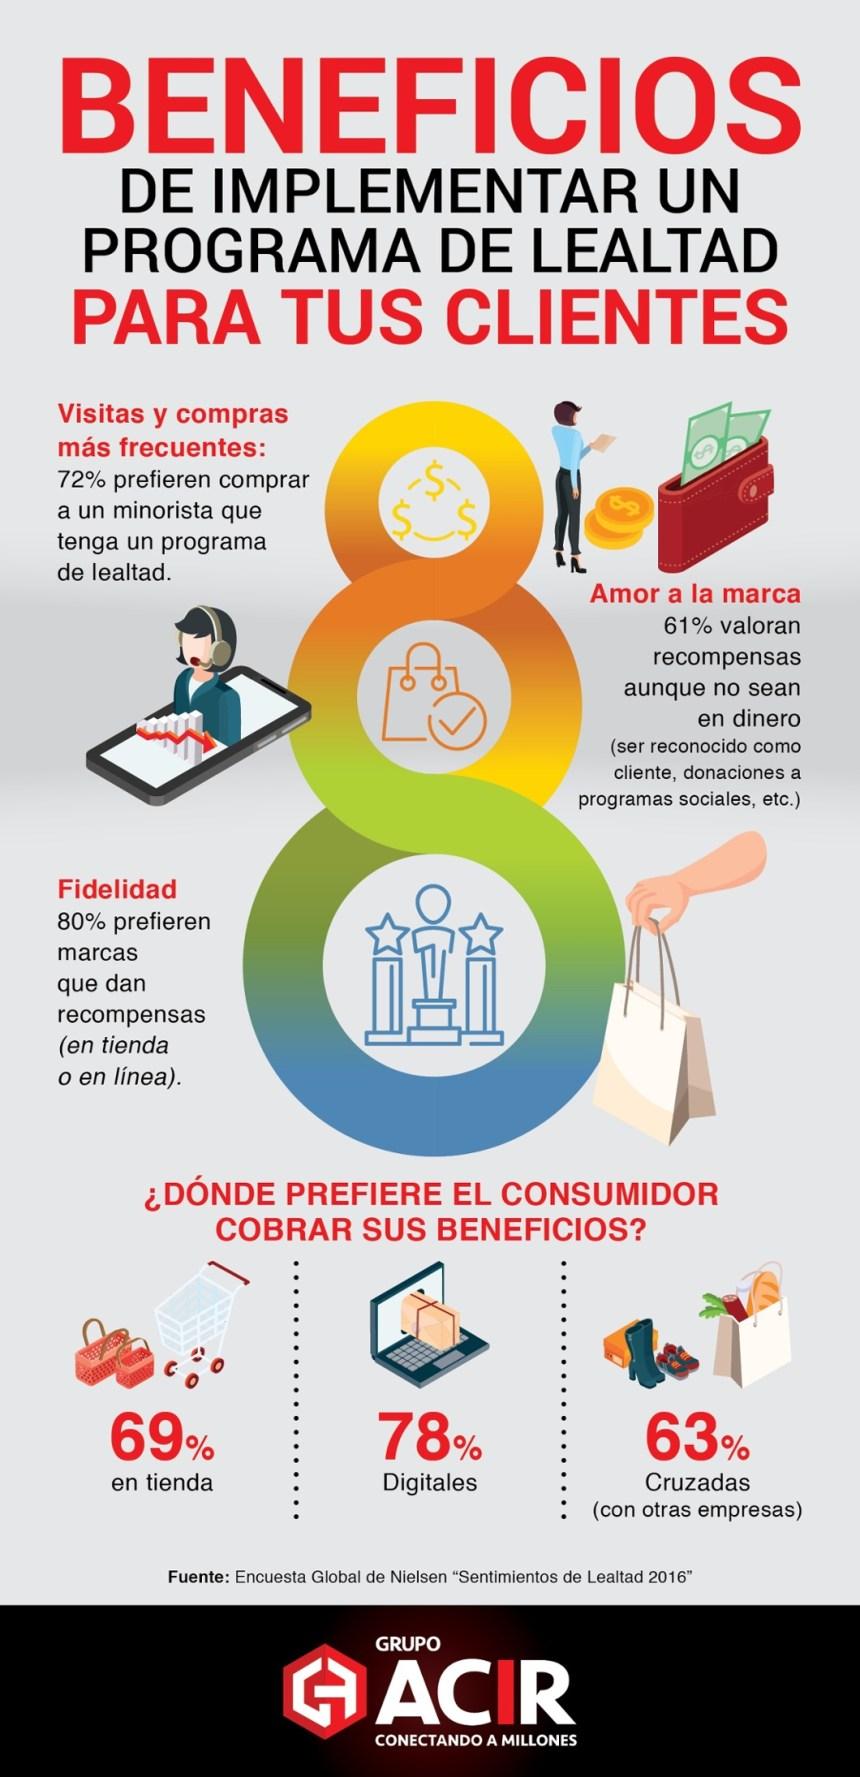 8 beneficios de implementar programas de fidelidad para tus clientes